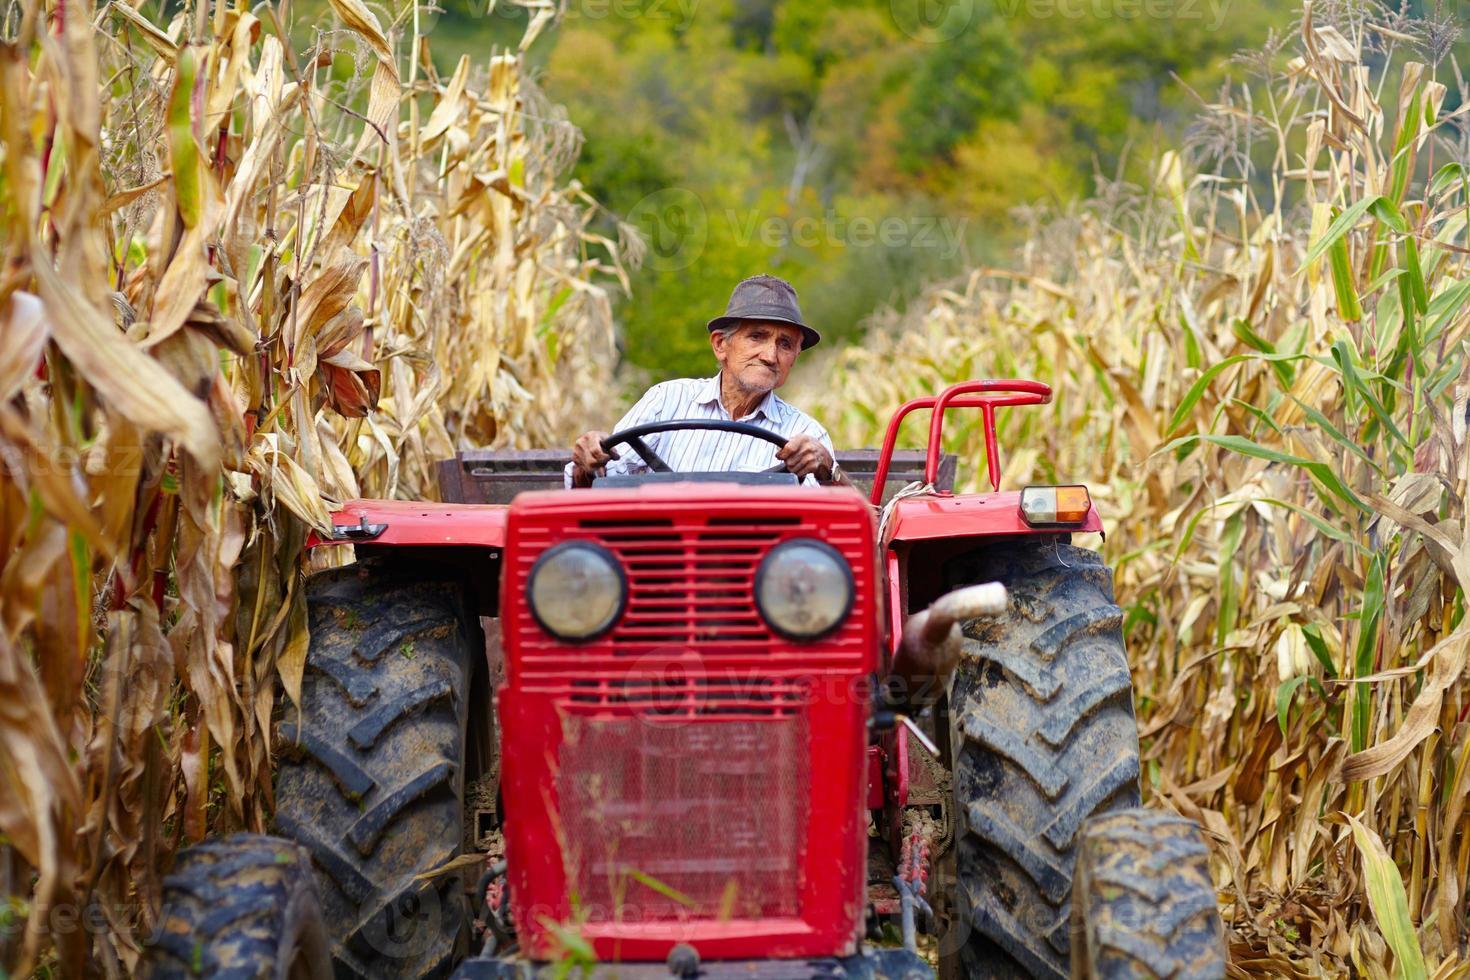 alter Bauer fährt seinen Traktor im Getreidefeld foto